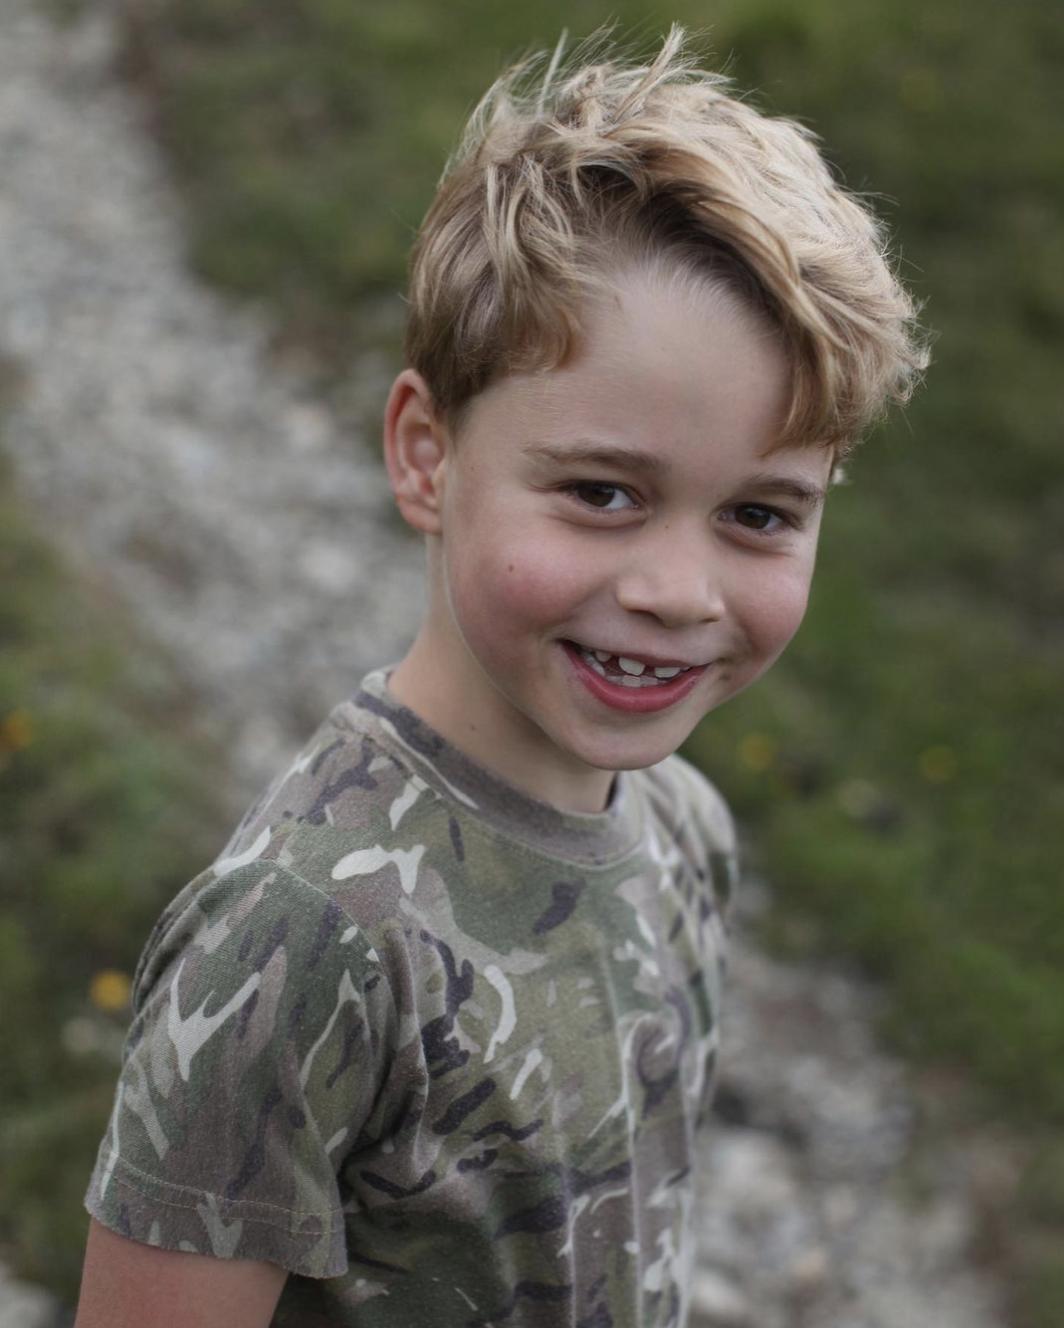 Семирічний первісток принца Вільяма позує для фотосесії.